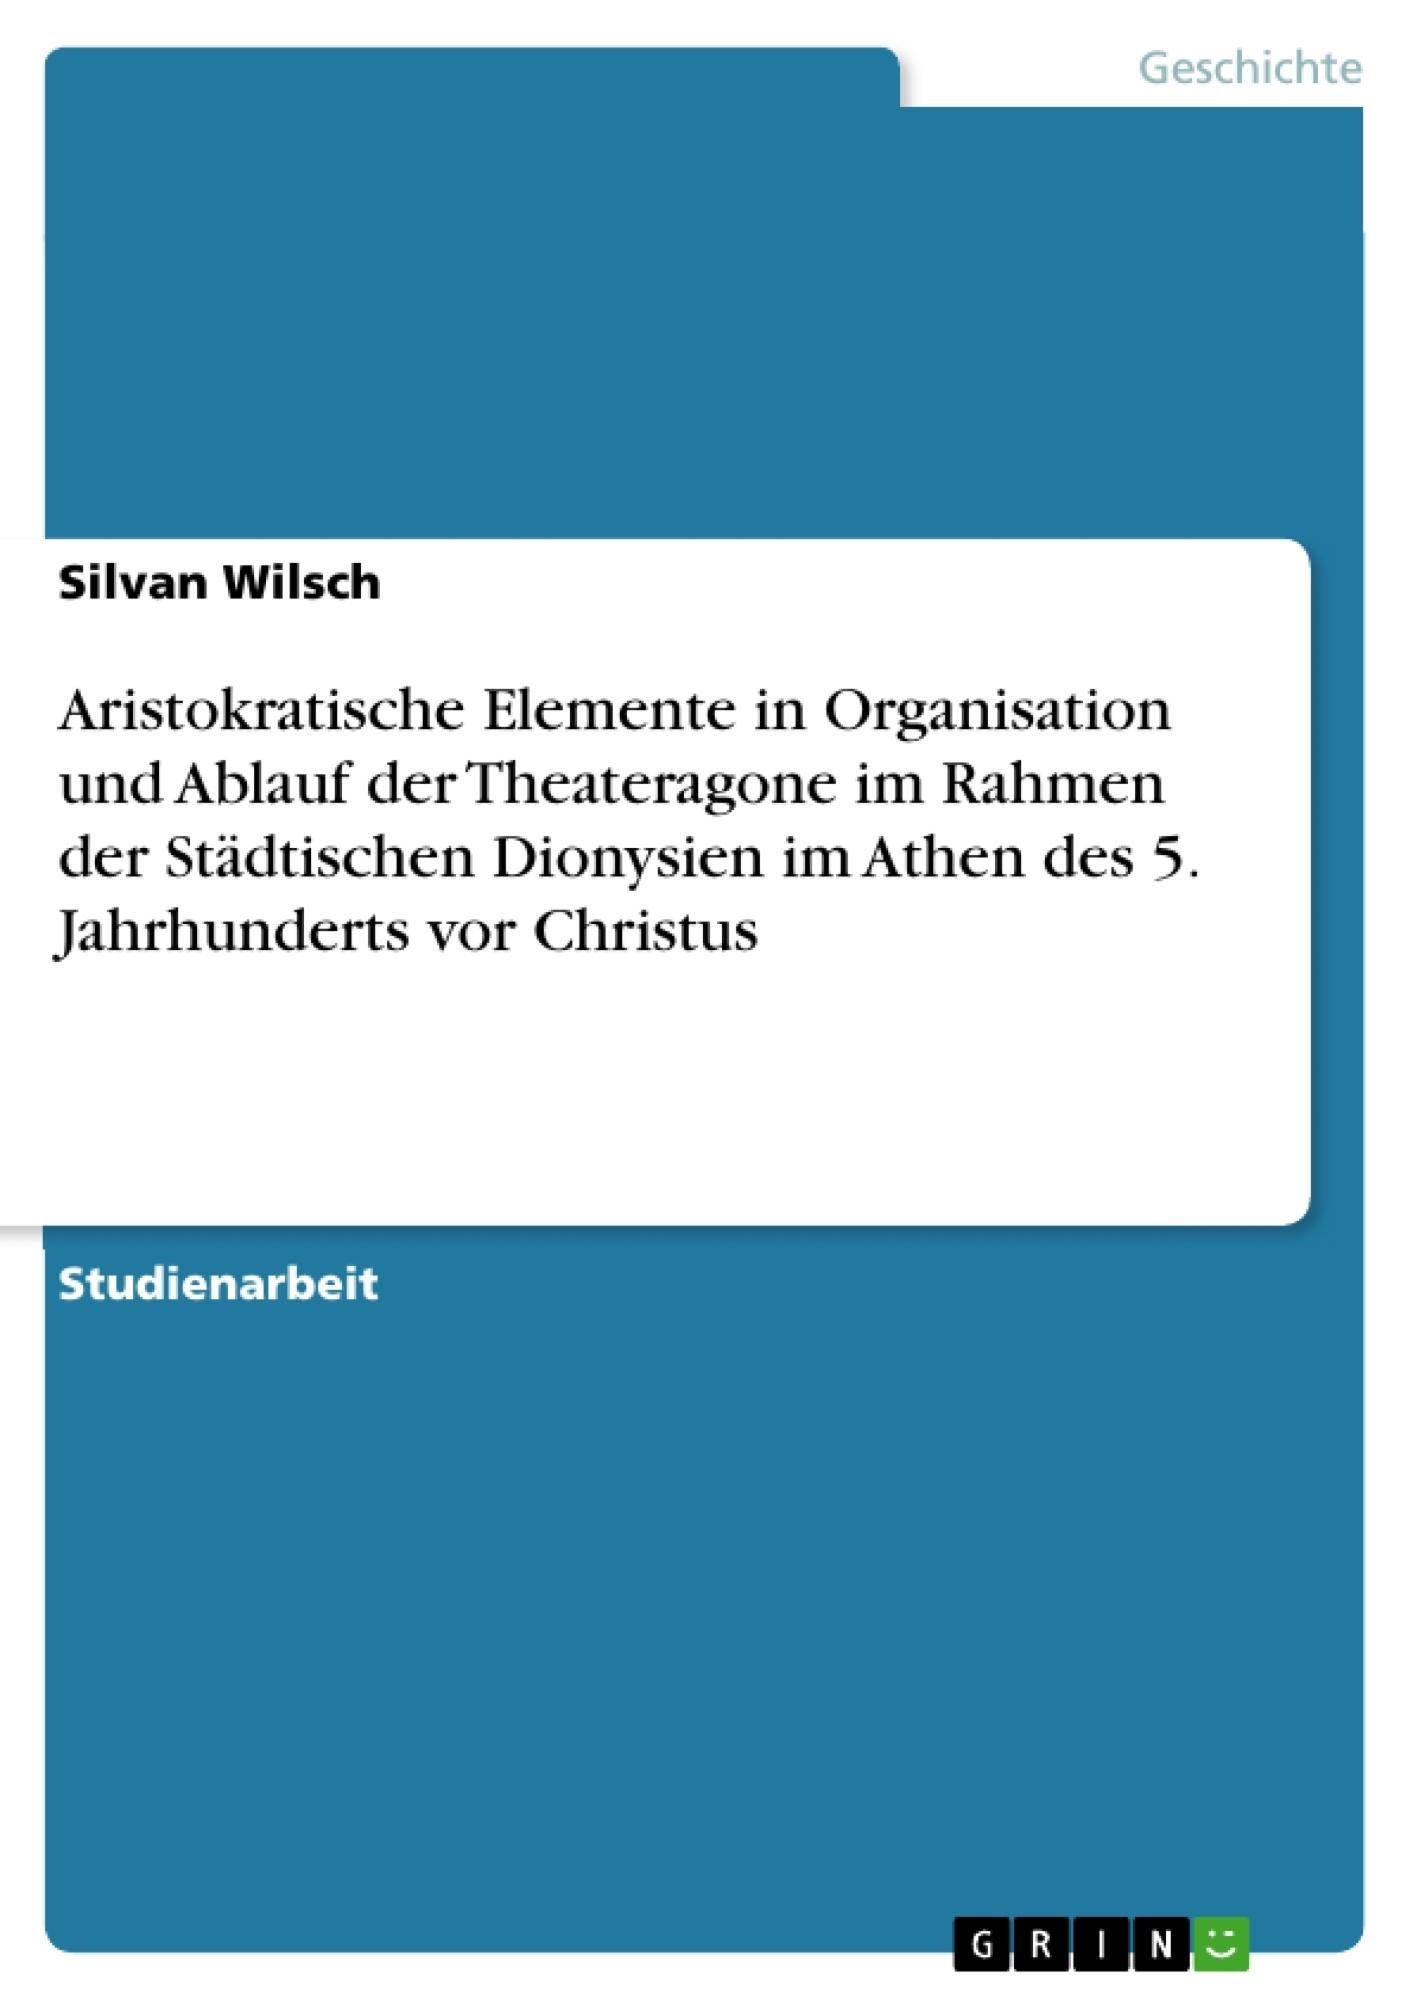 Titel: Aristokratische Elemente in Organisation und Ablauf der Theateragone im Rahmen der Städtischen Dionysien im Athen des 5. Jahrhunderts vor Christus